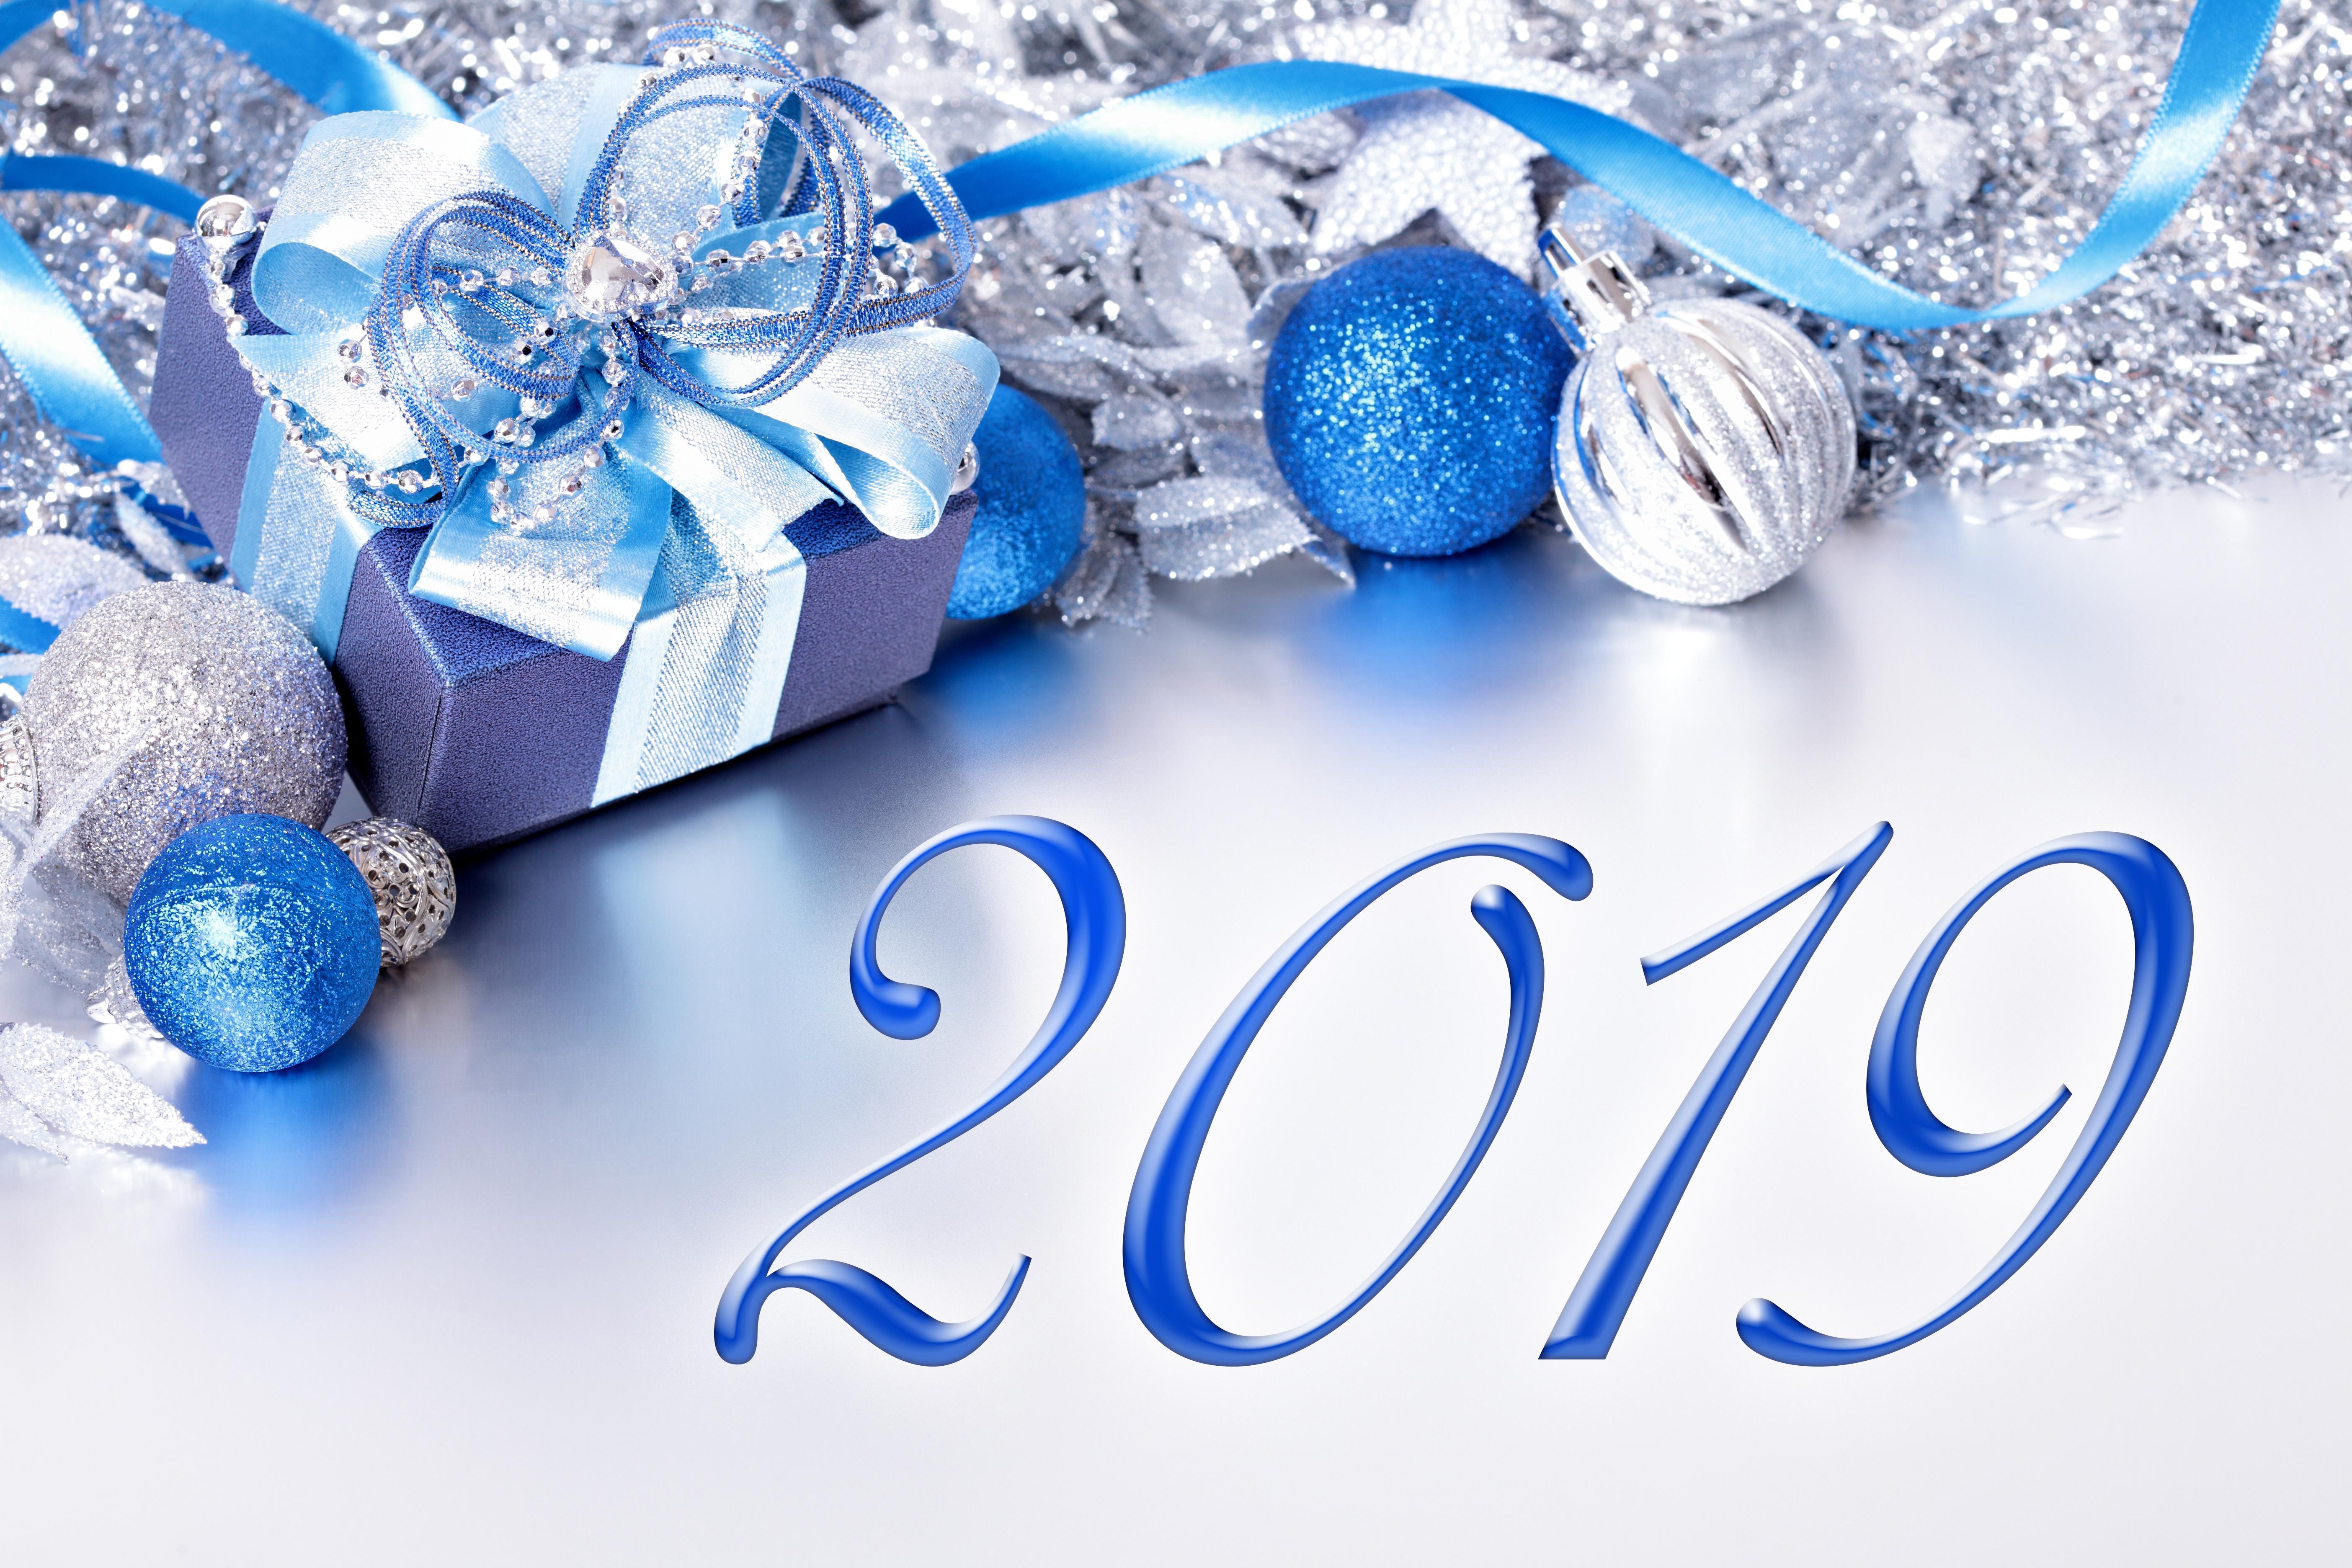 спортивная картинка с новым годом 2019 снимая вечером больших